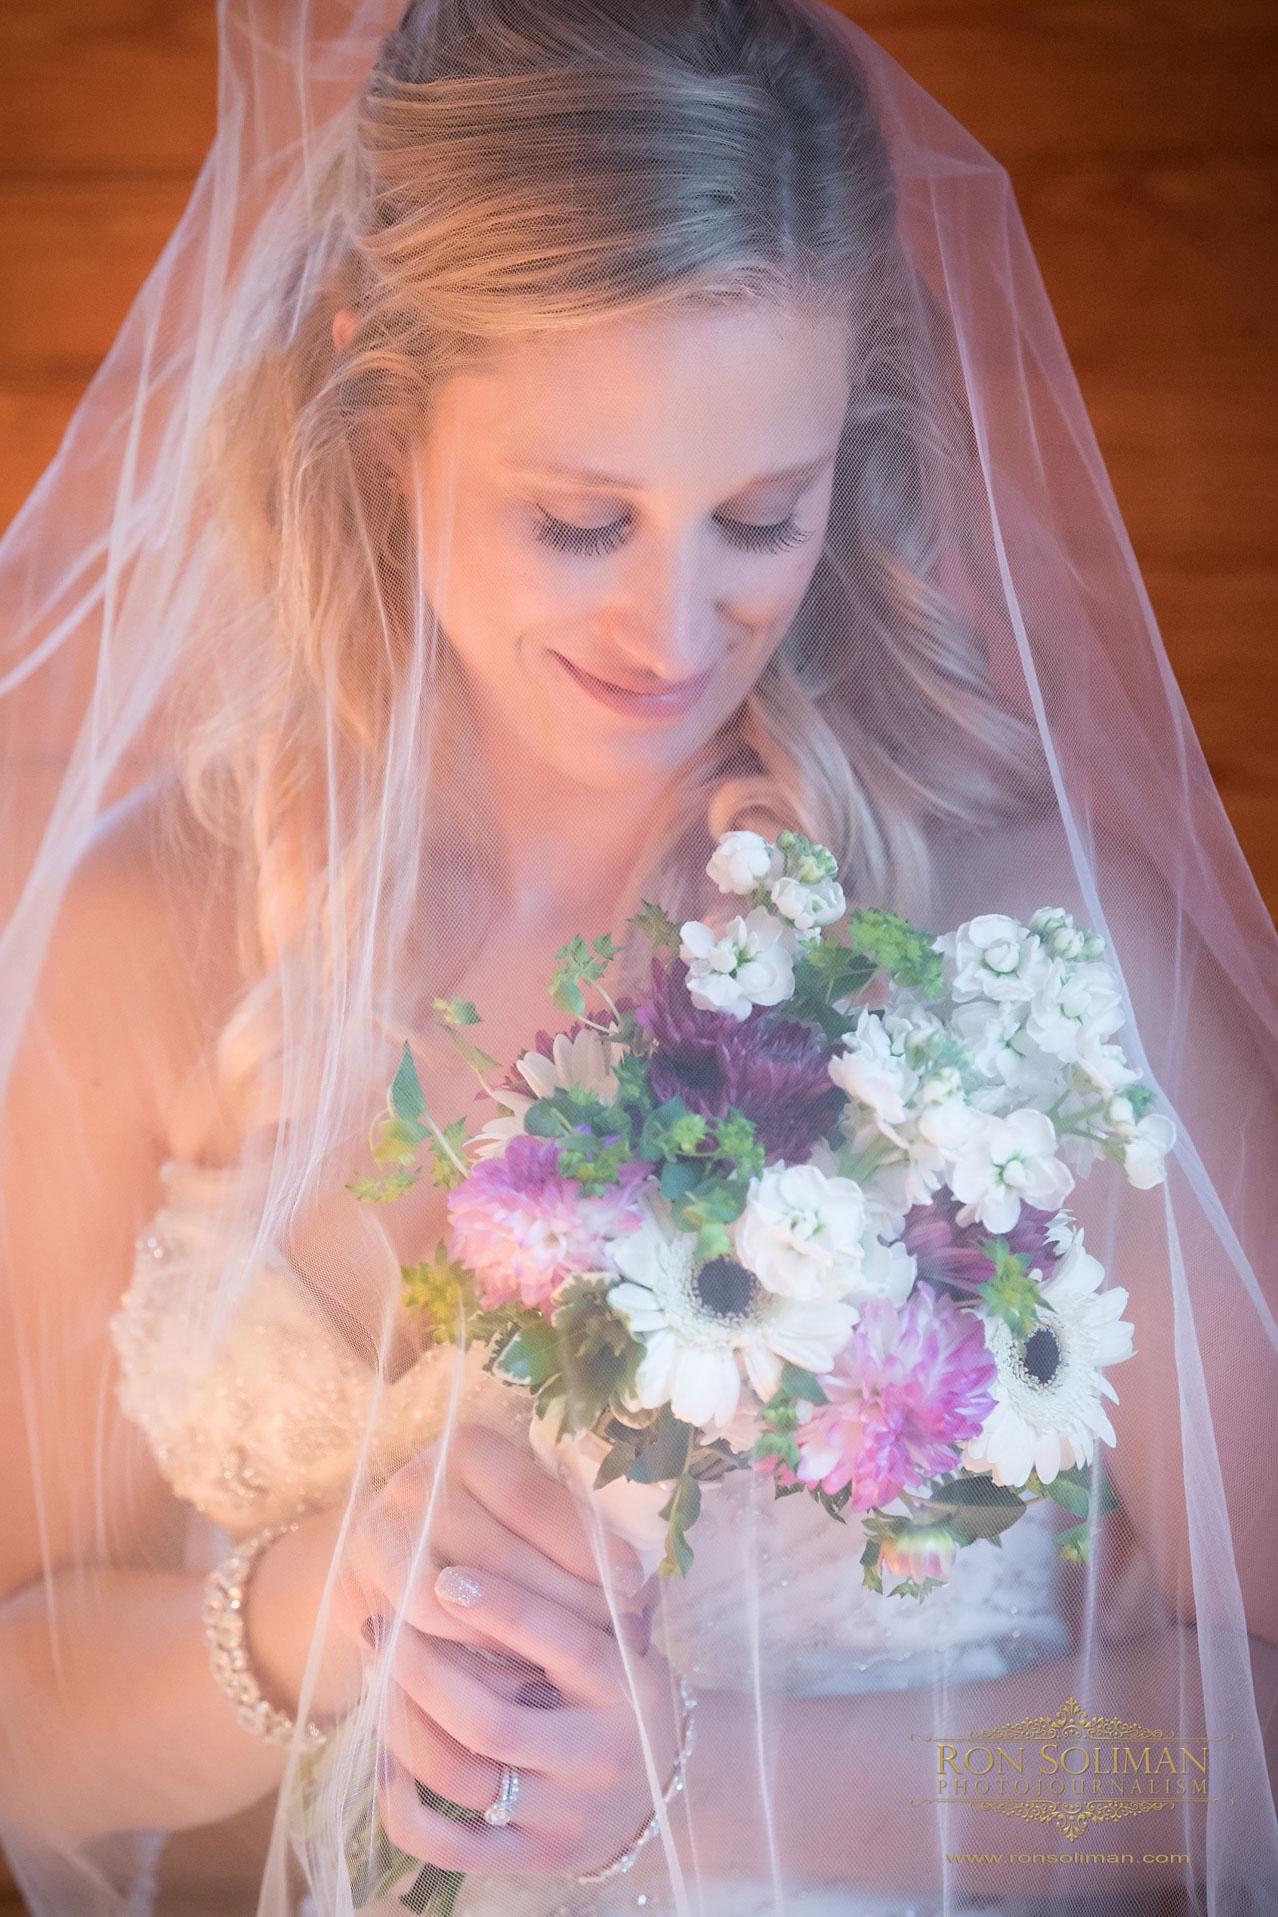 Rockwood Carriage House Wedding photosRockwood Carriage House Wedding photos